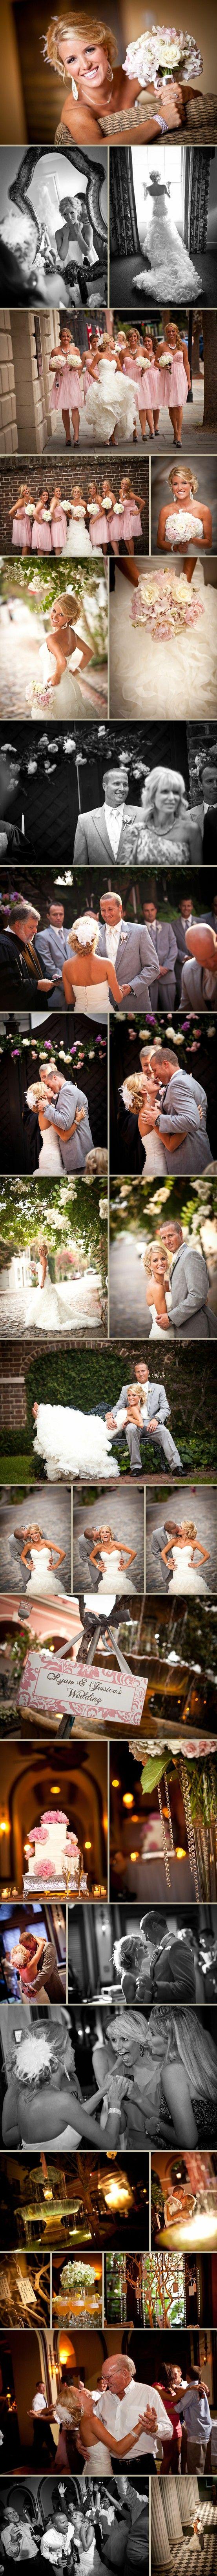 La boda de mis sueños